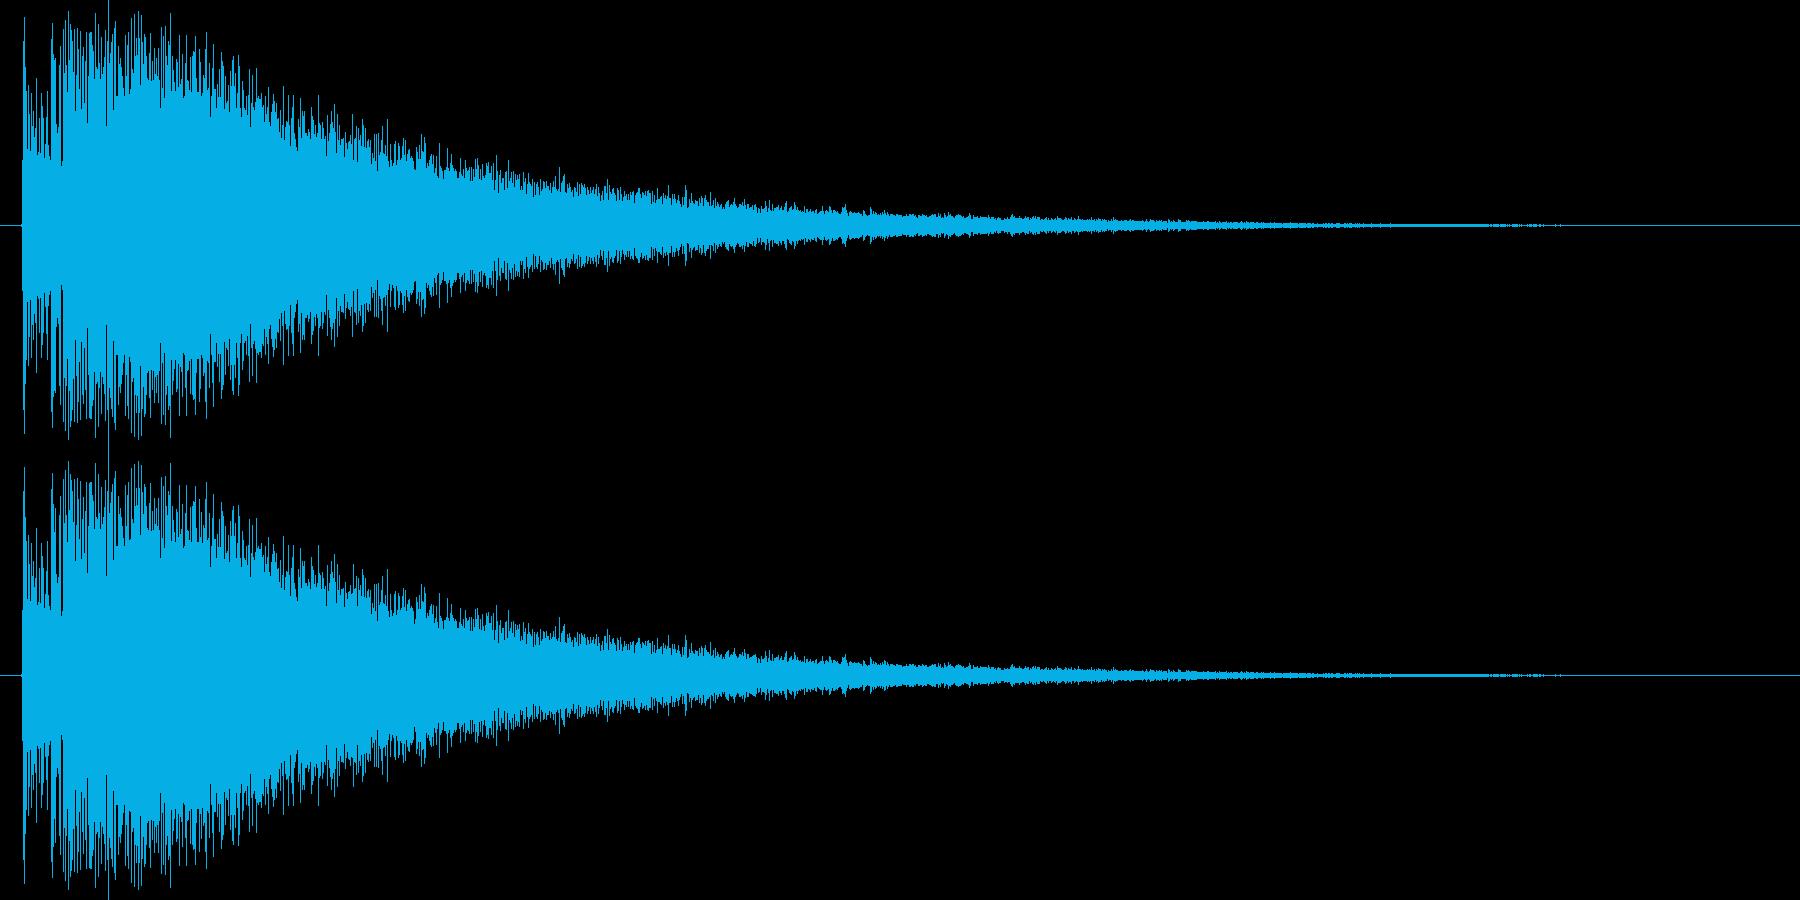 ド、チャーン(ドラム音)の再生済みの波形